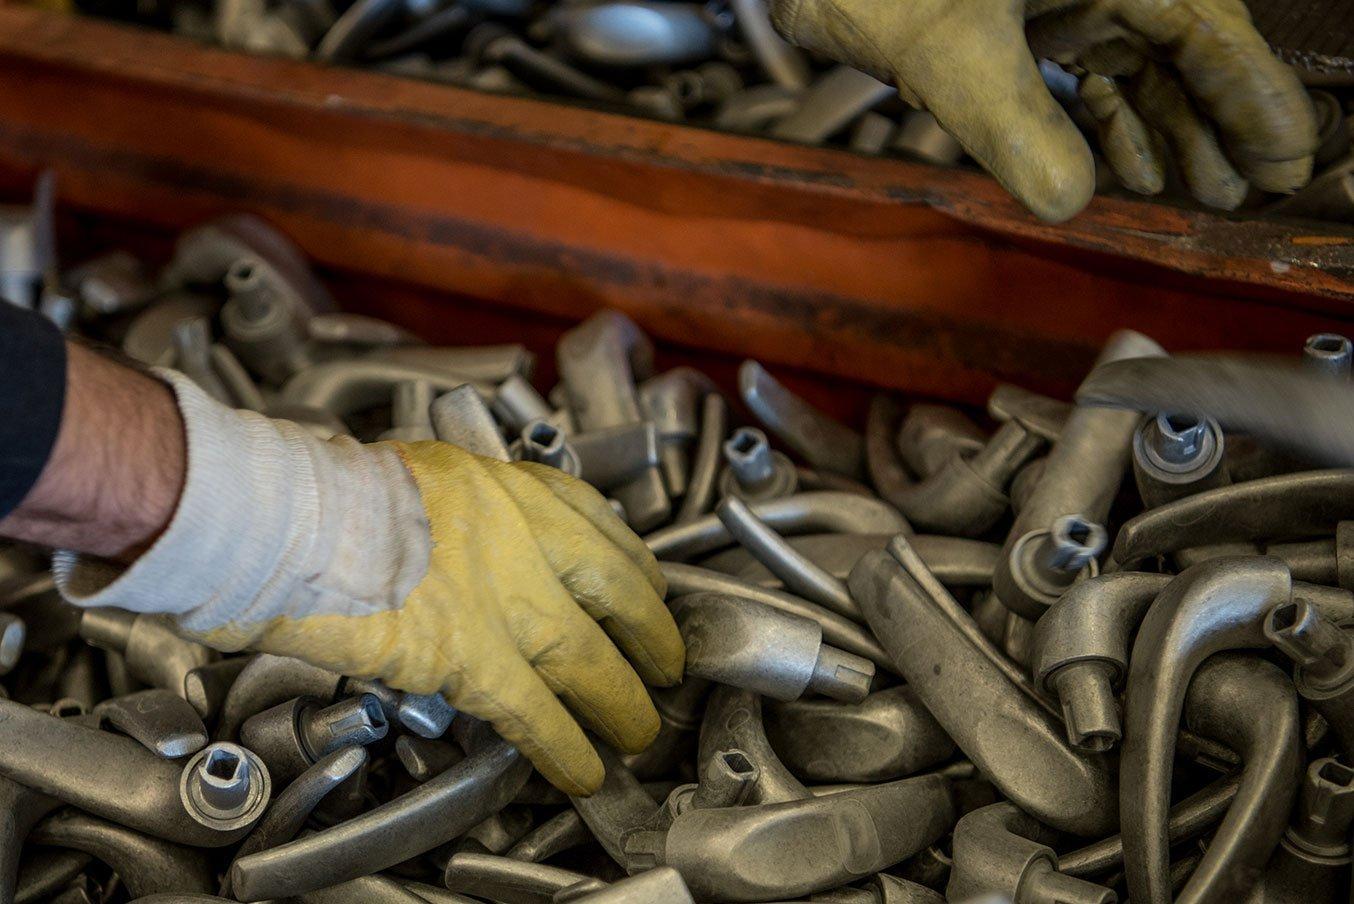 operaio controlla gli scarti di metallo